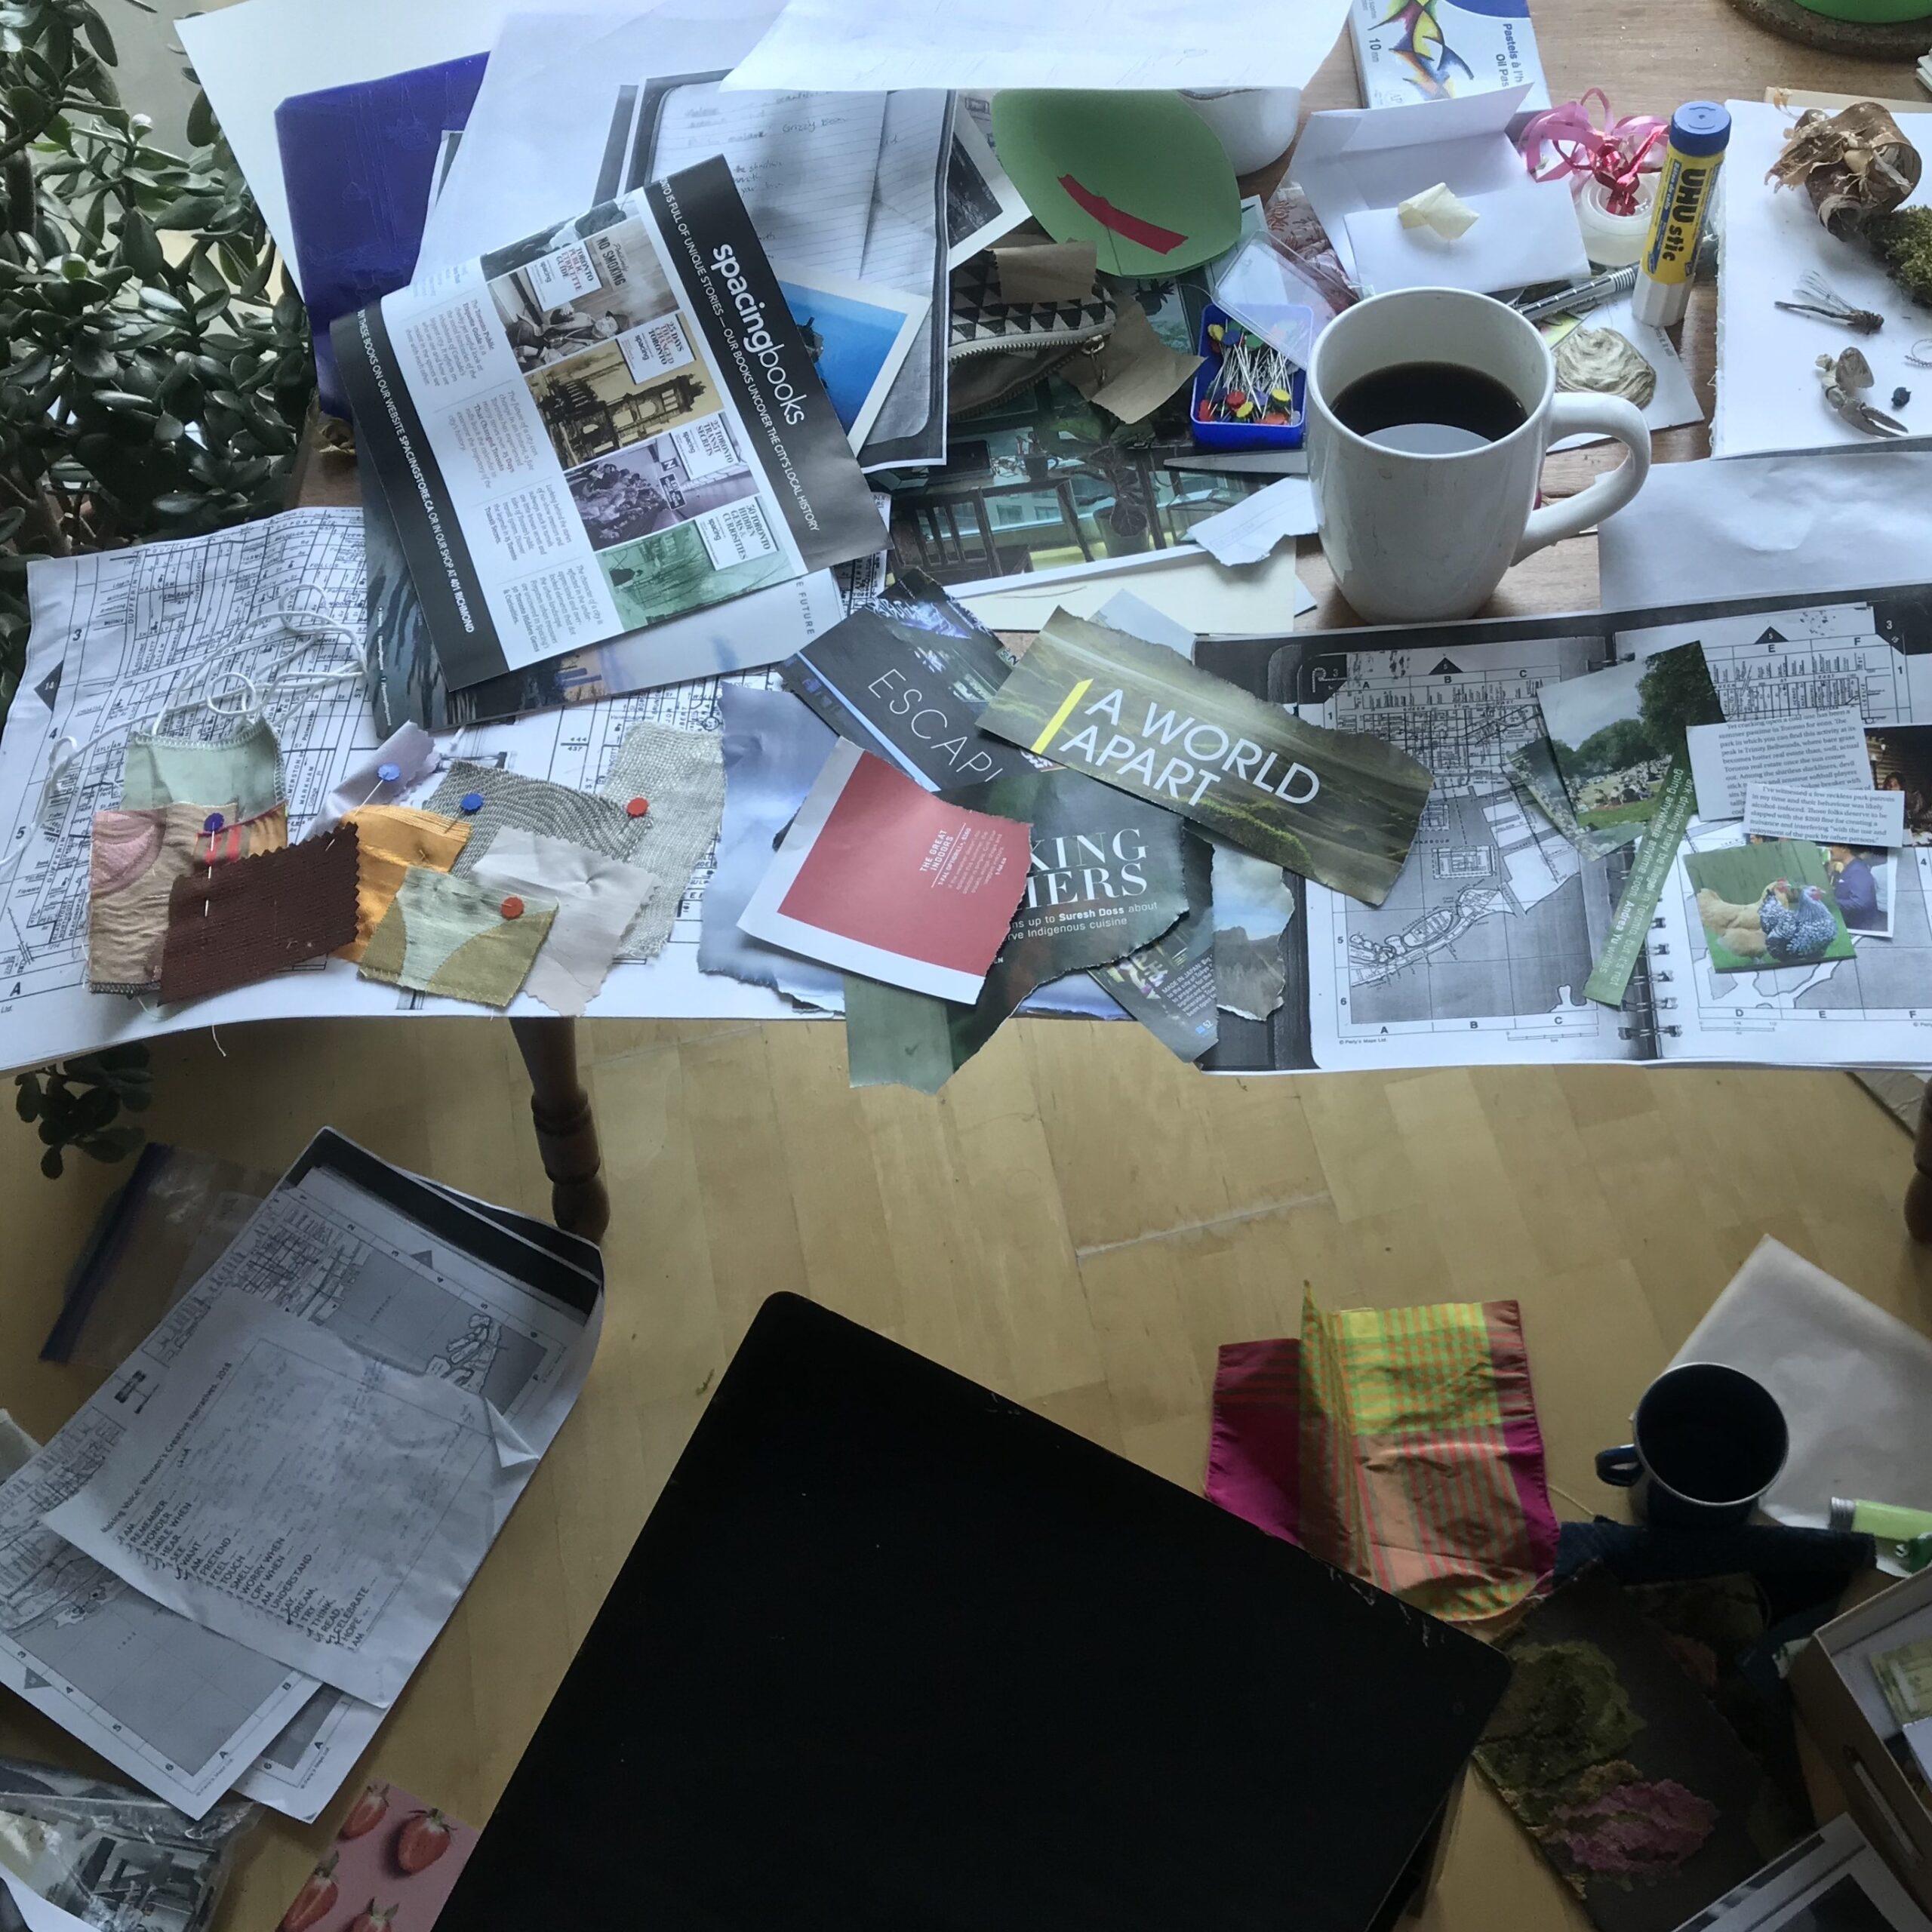 Jamies-work-table-1